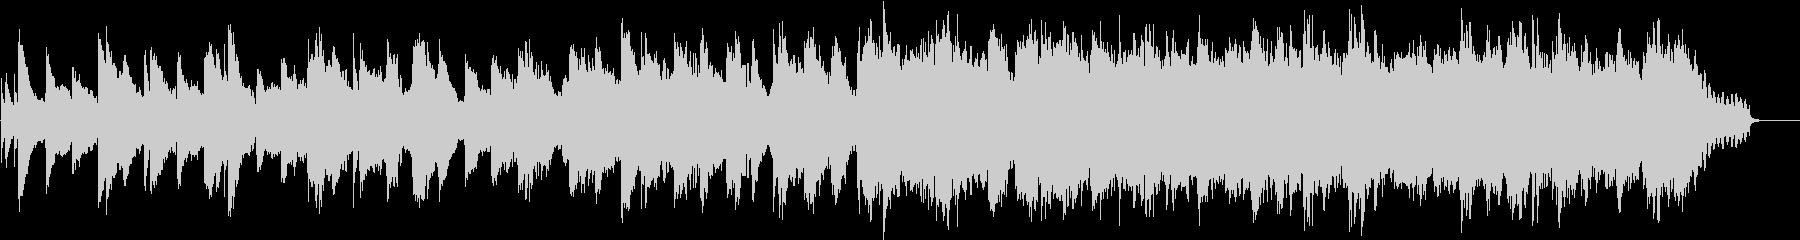 ミステリアス ピアノ・ストリングスBGMの未再生の波形